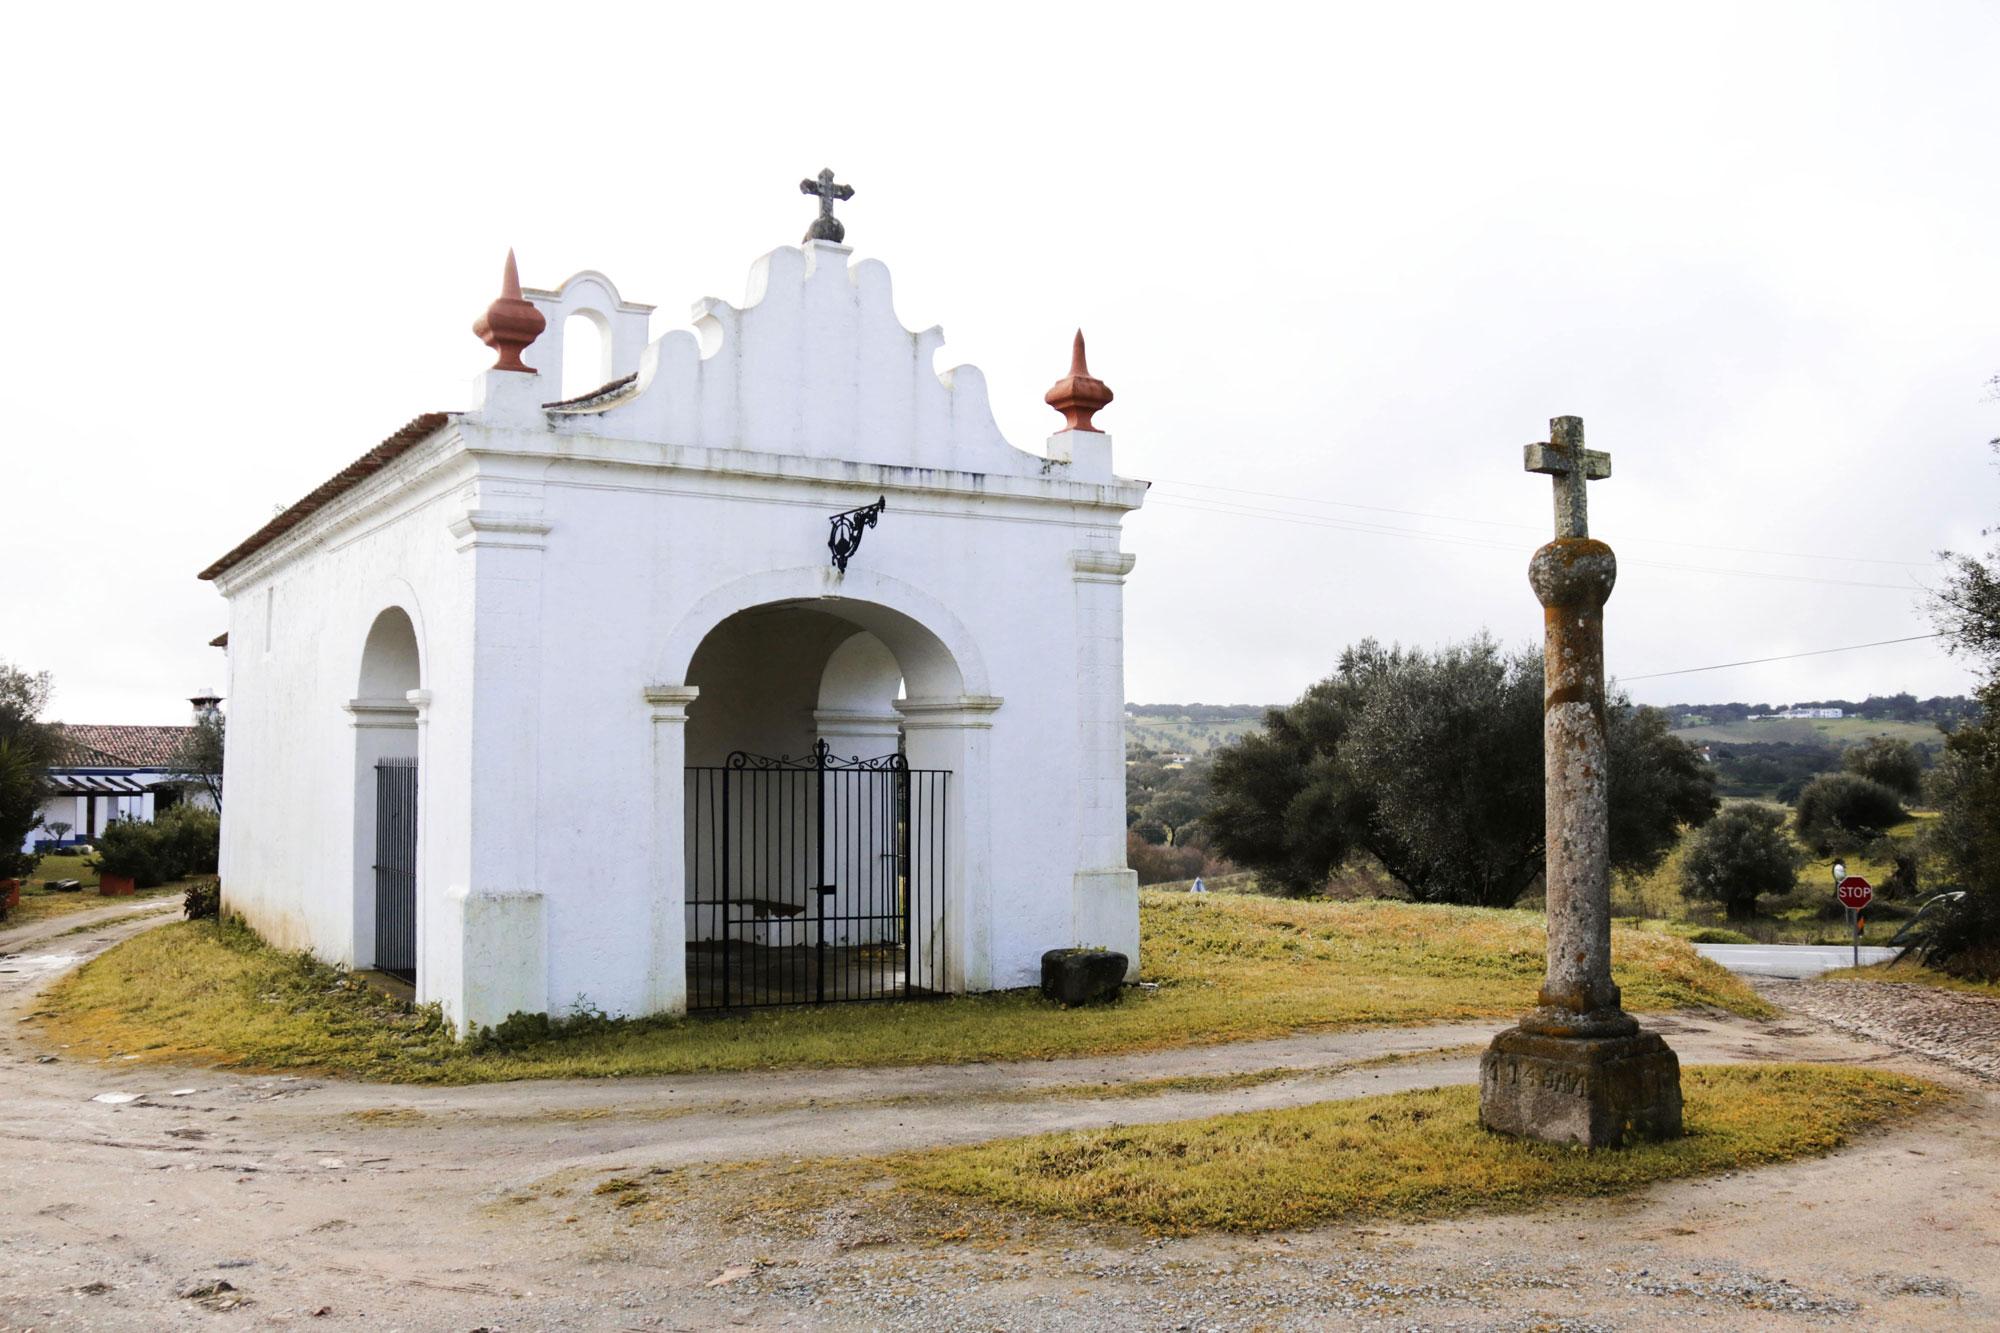 Caminho para a Ponte Cava, Ermida de Santo António (CMMN, 2019)